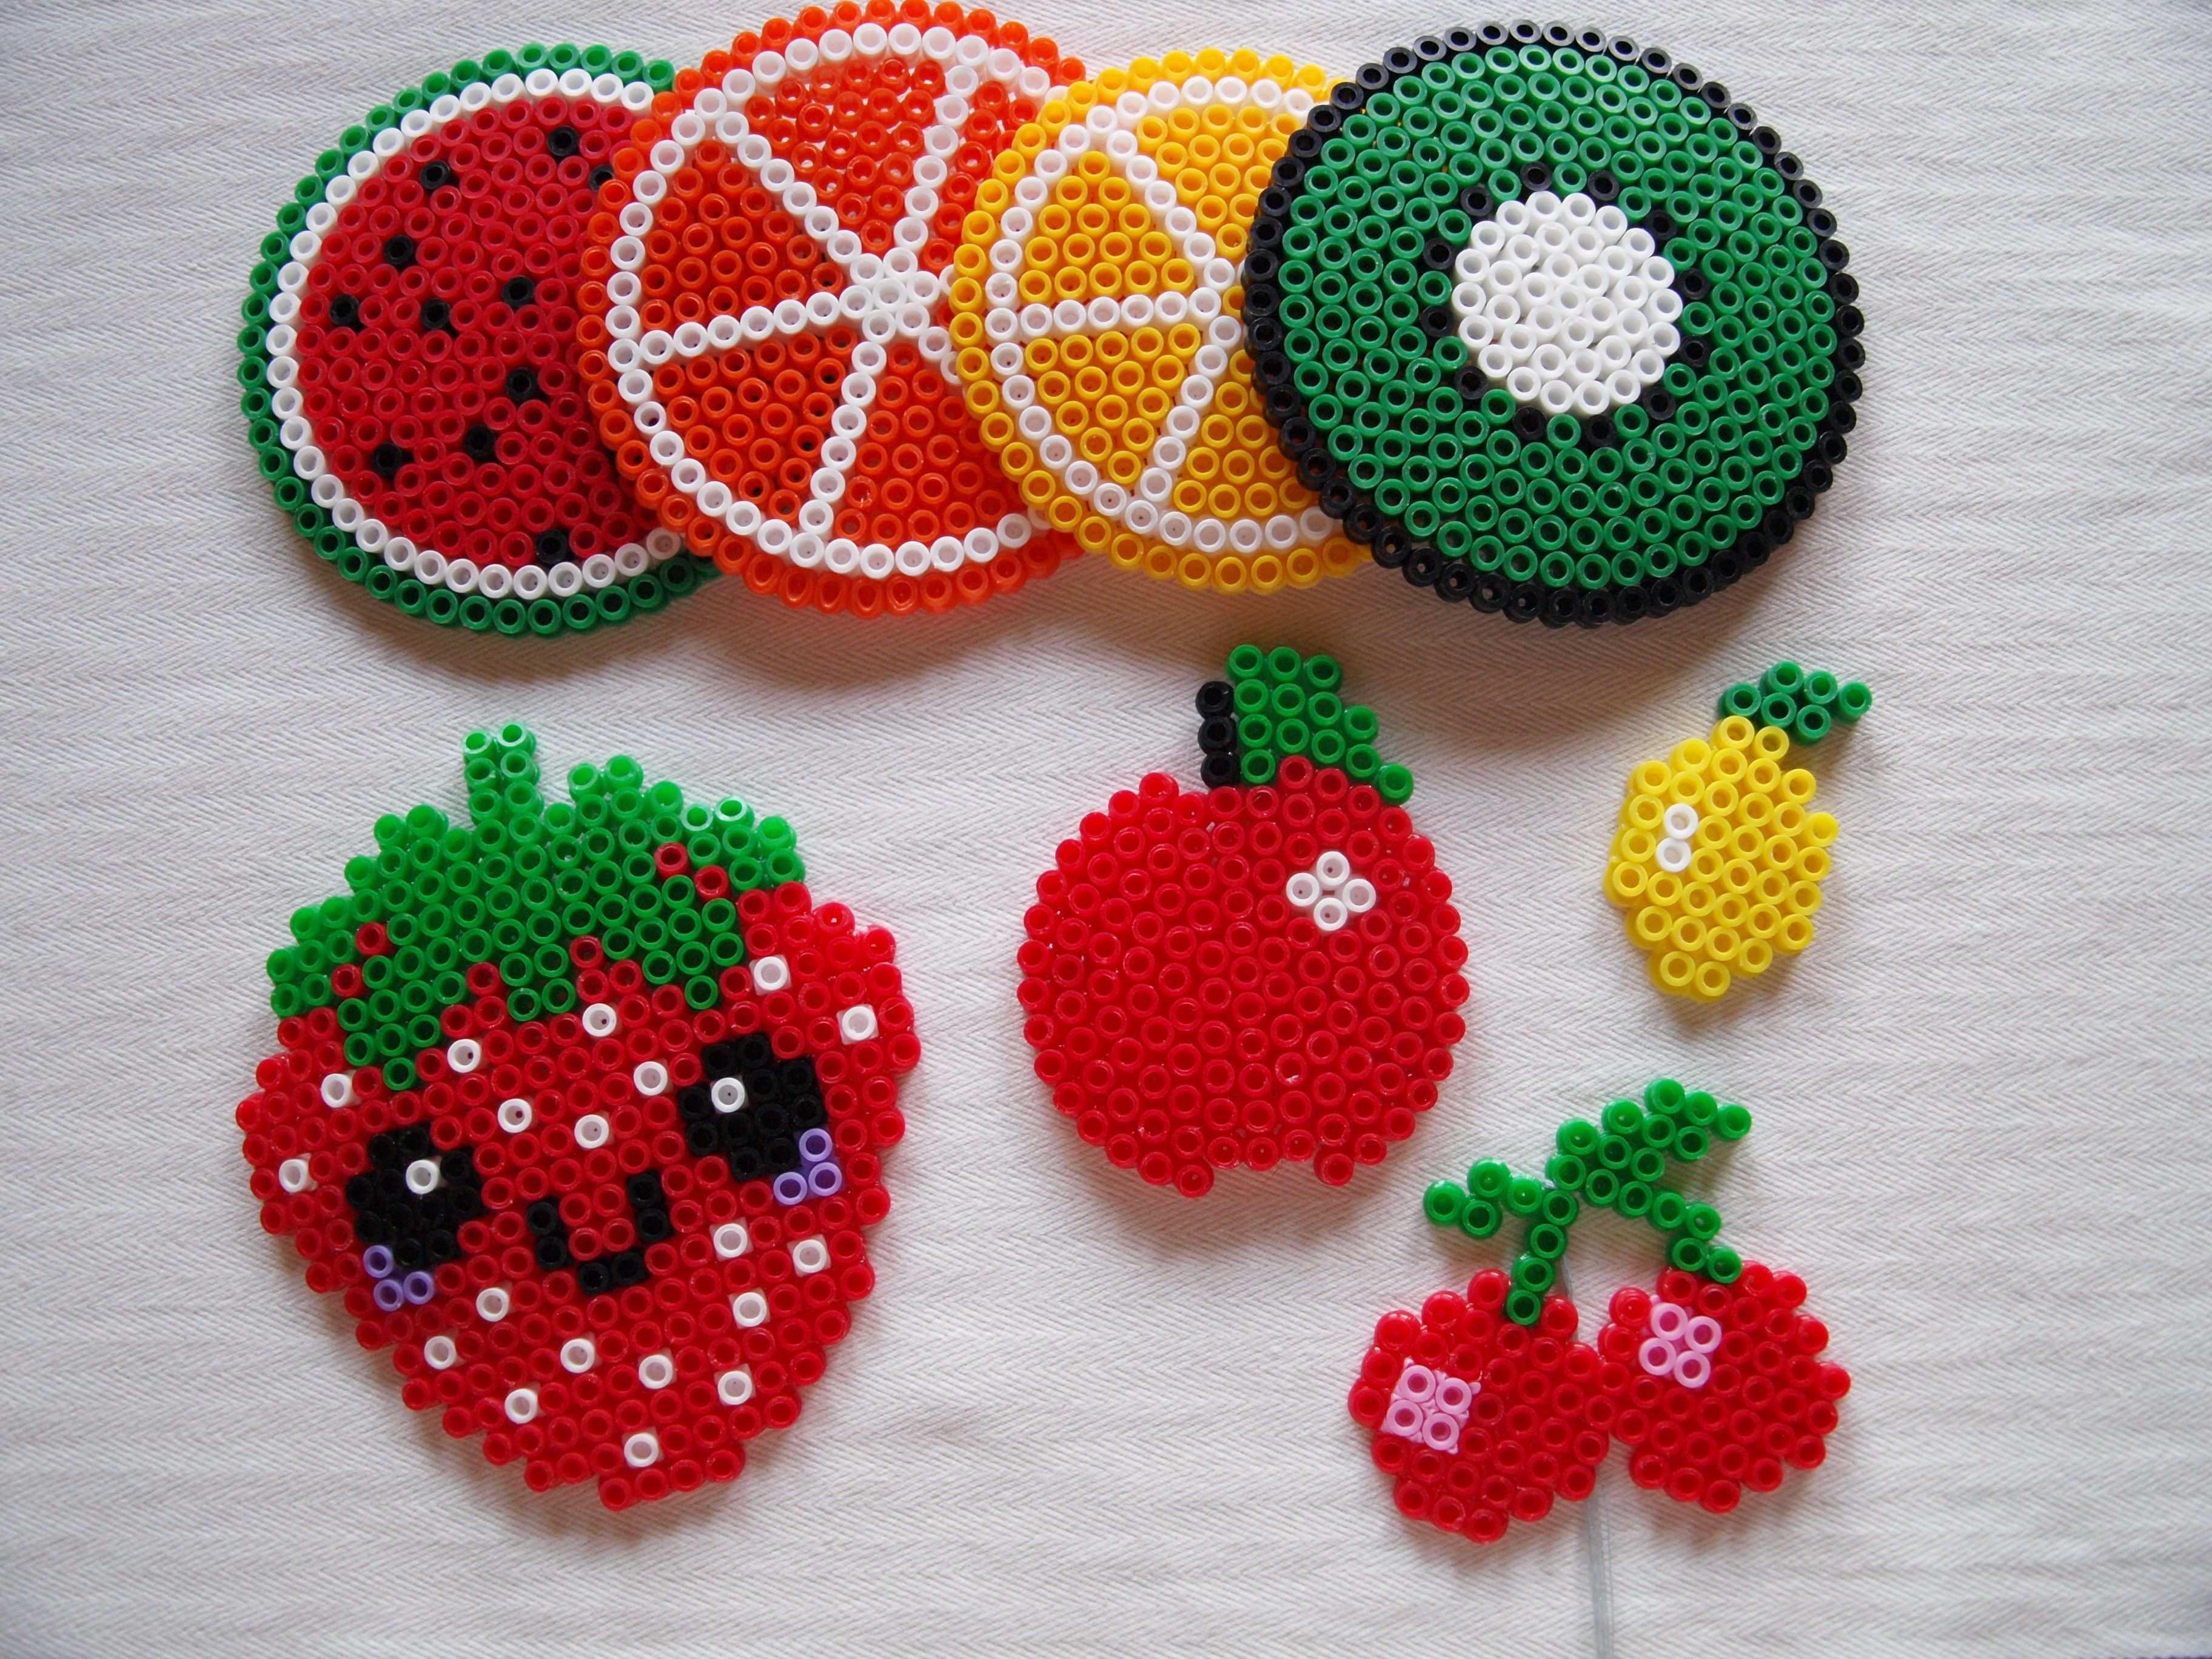 Neu Bugelperlen Vorlagen Obst Basteln Bugelperlen Bugelperlen Bugelperlen Vorlagen